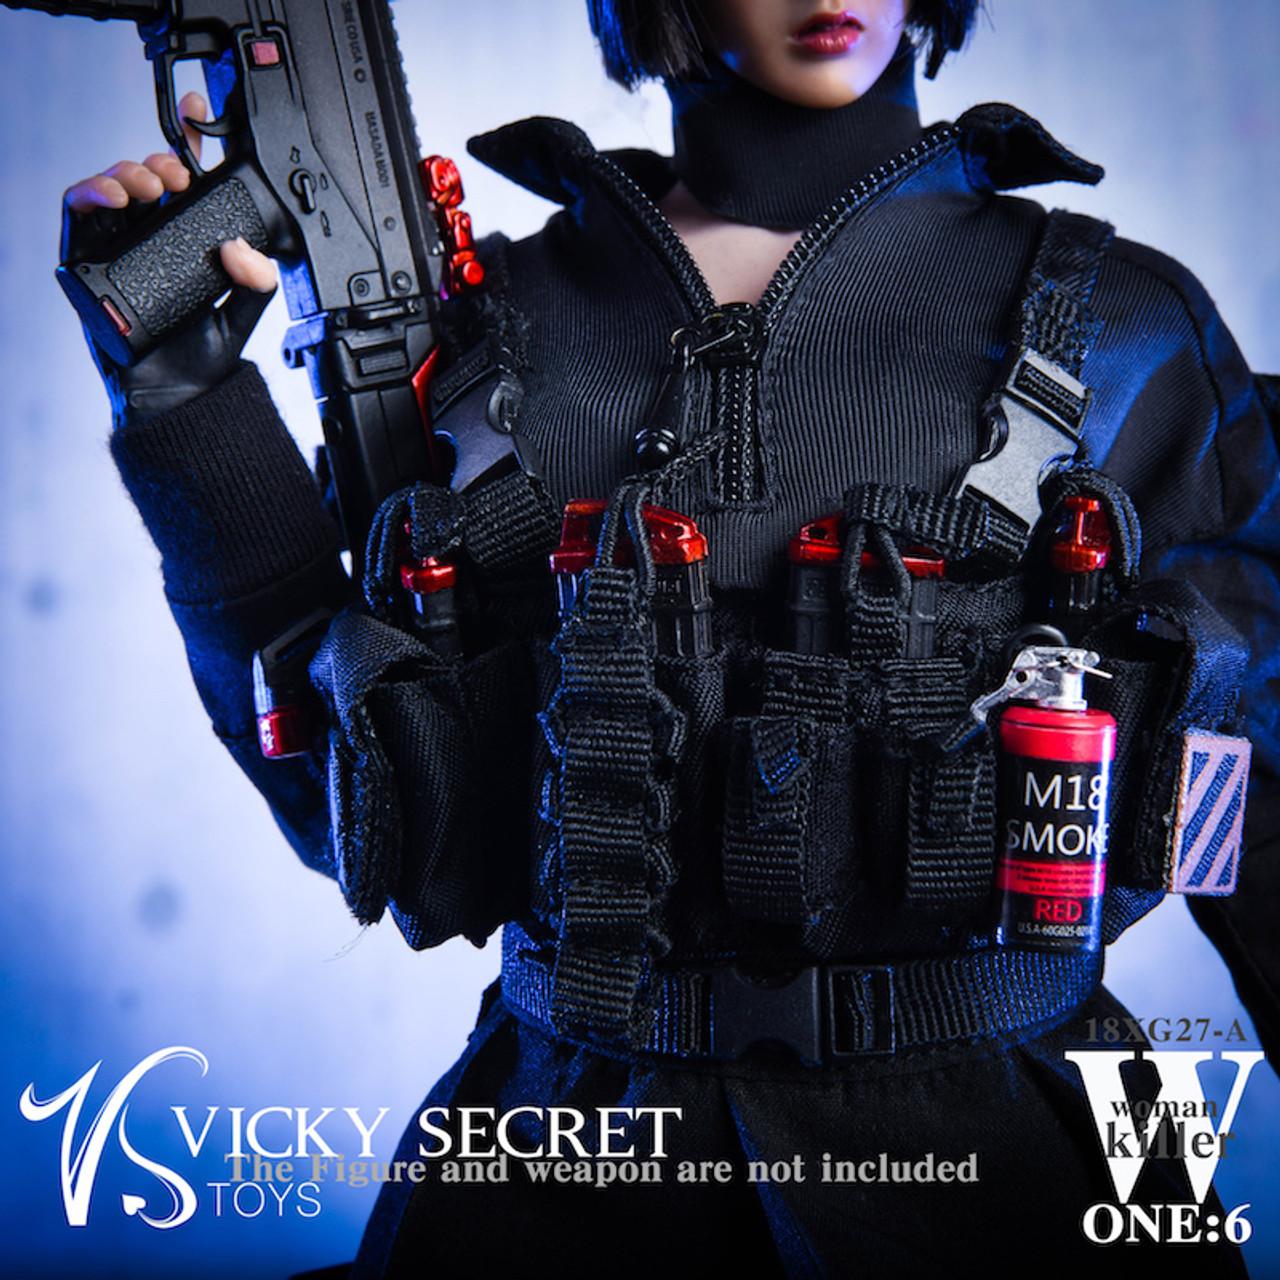 VSTOYS 1//6th 18XG27 Female Assassin Women Killer Combat Clothing Set Model Toys